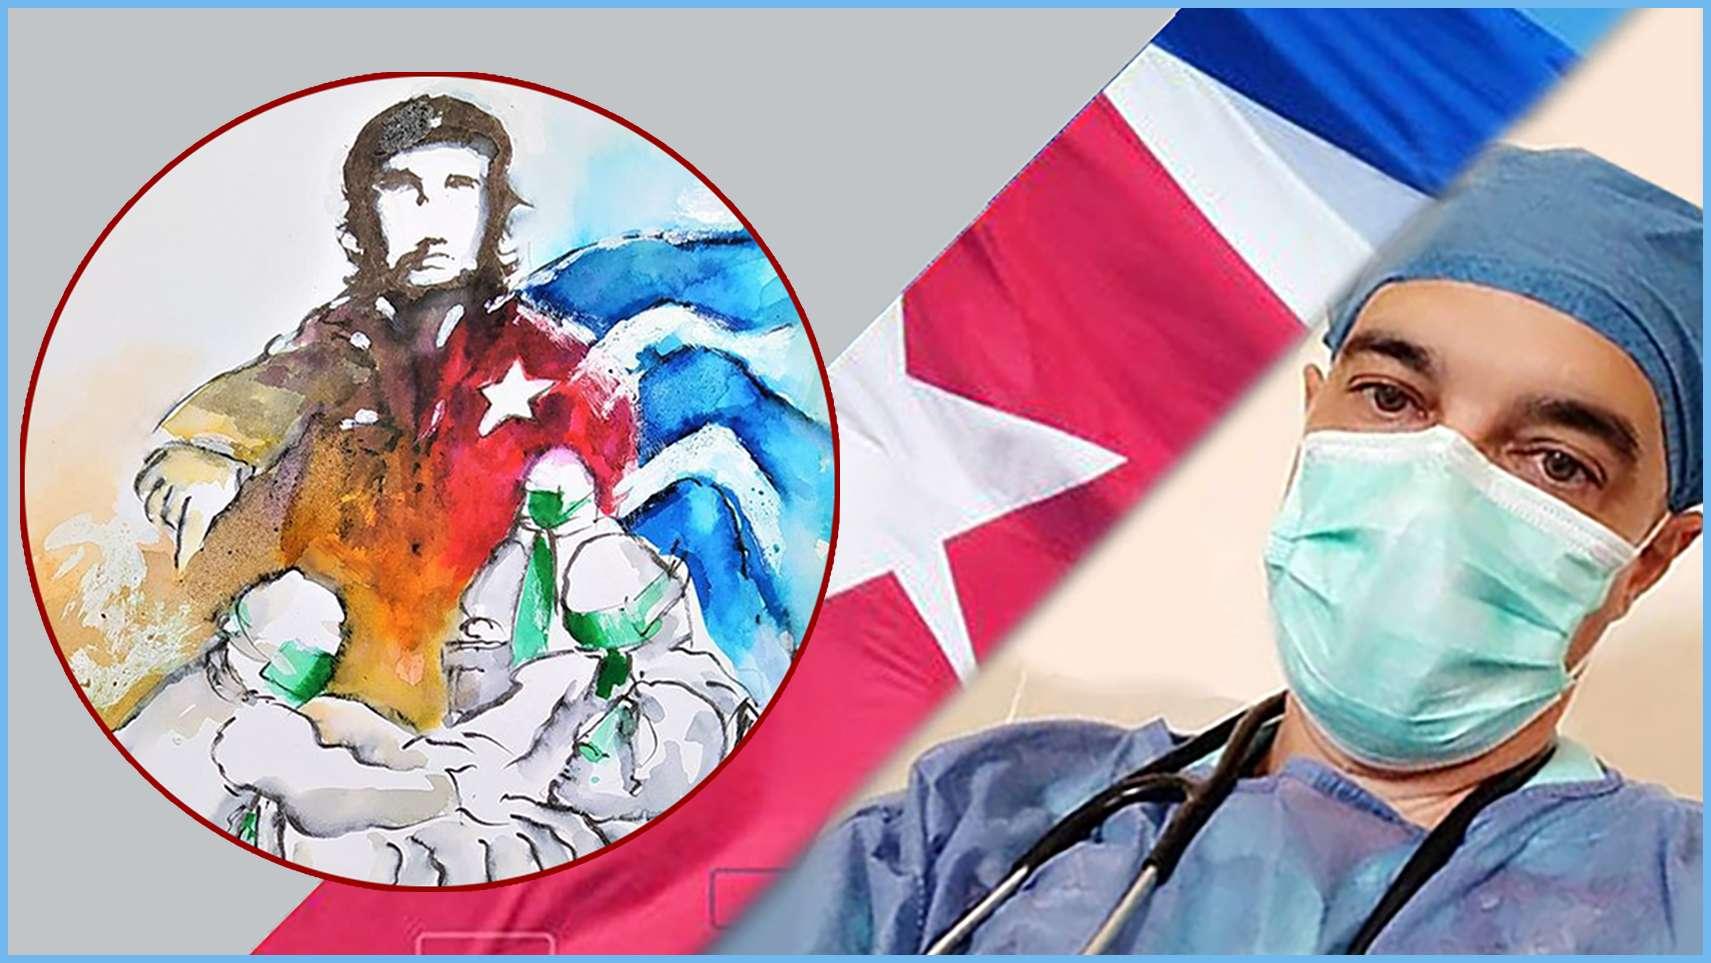 Νόμπελ Ειρήνης Κούβα μπριγάδα Χένρι Ριβ ΚΝΕ ΚΝΕ